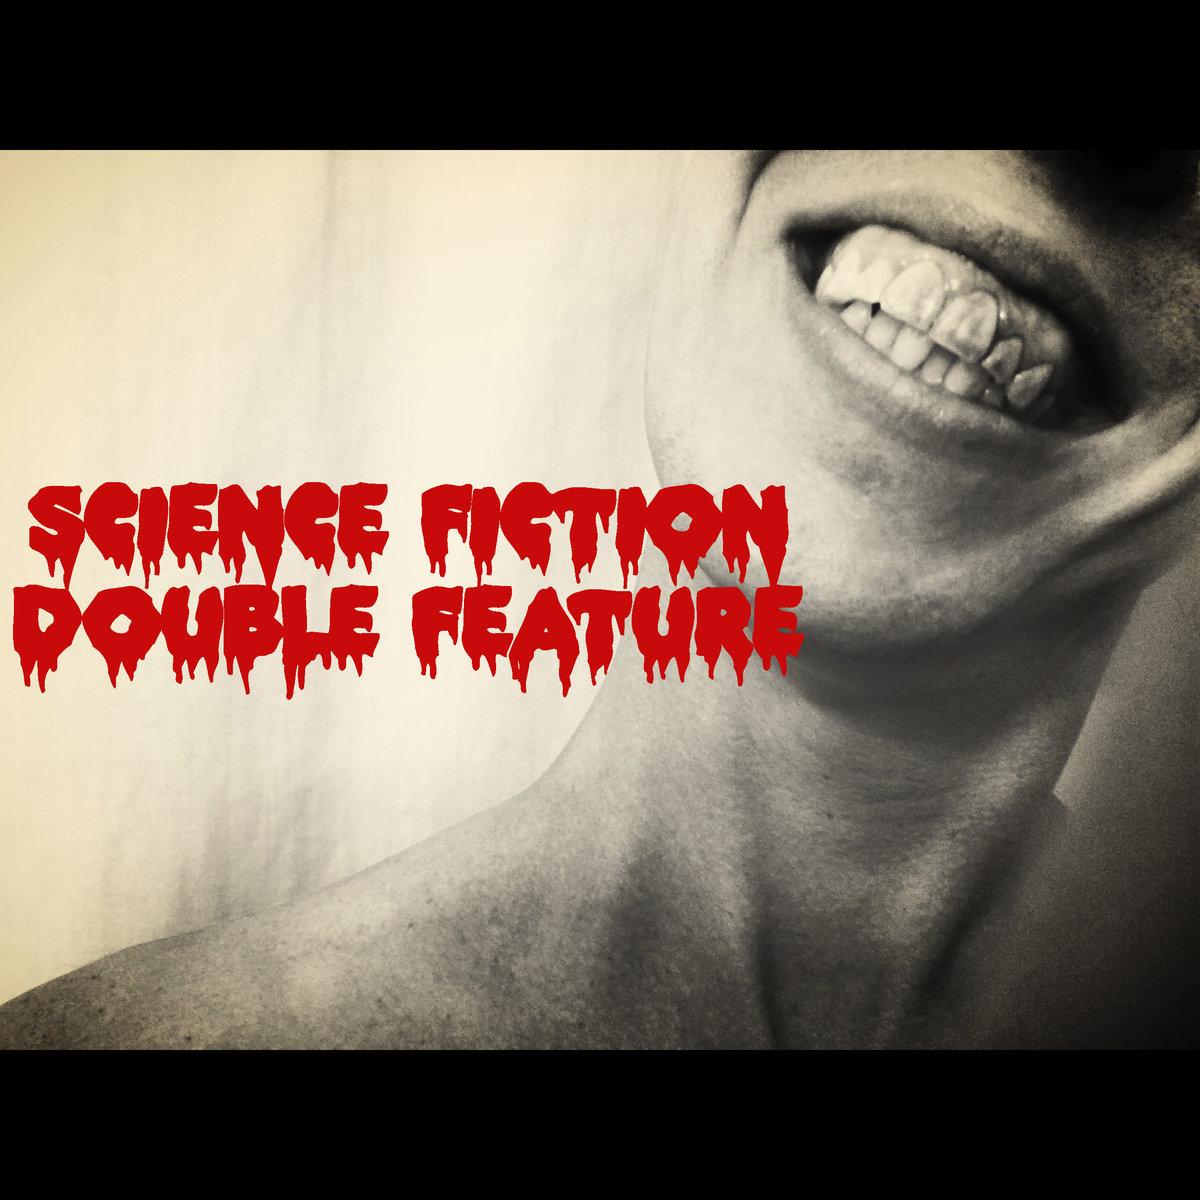 Science Fiction Double Feature (2016):   Bandcamp  |  Soundcloud